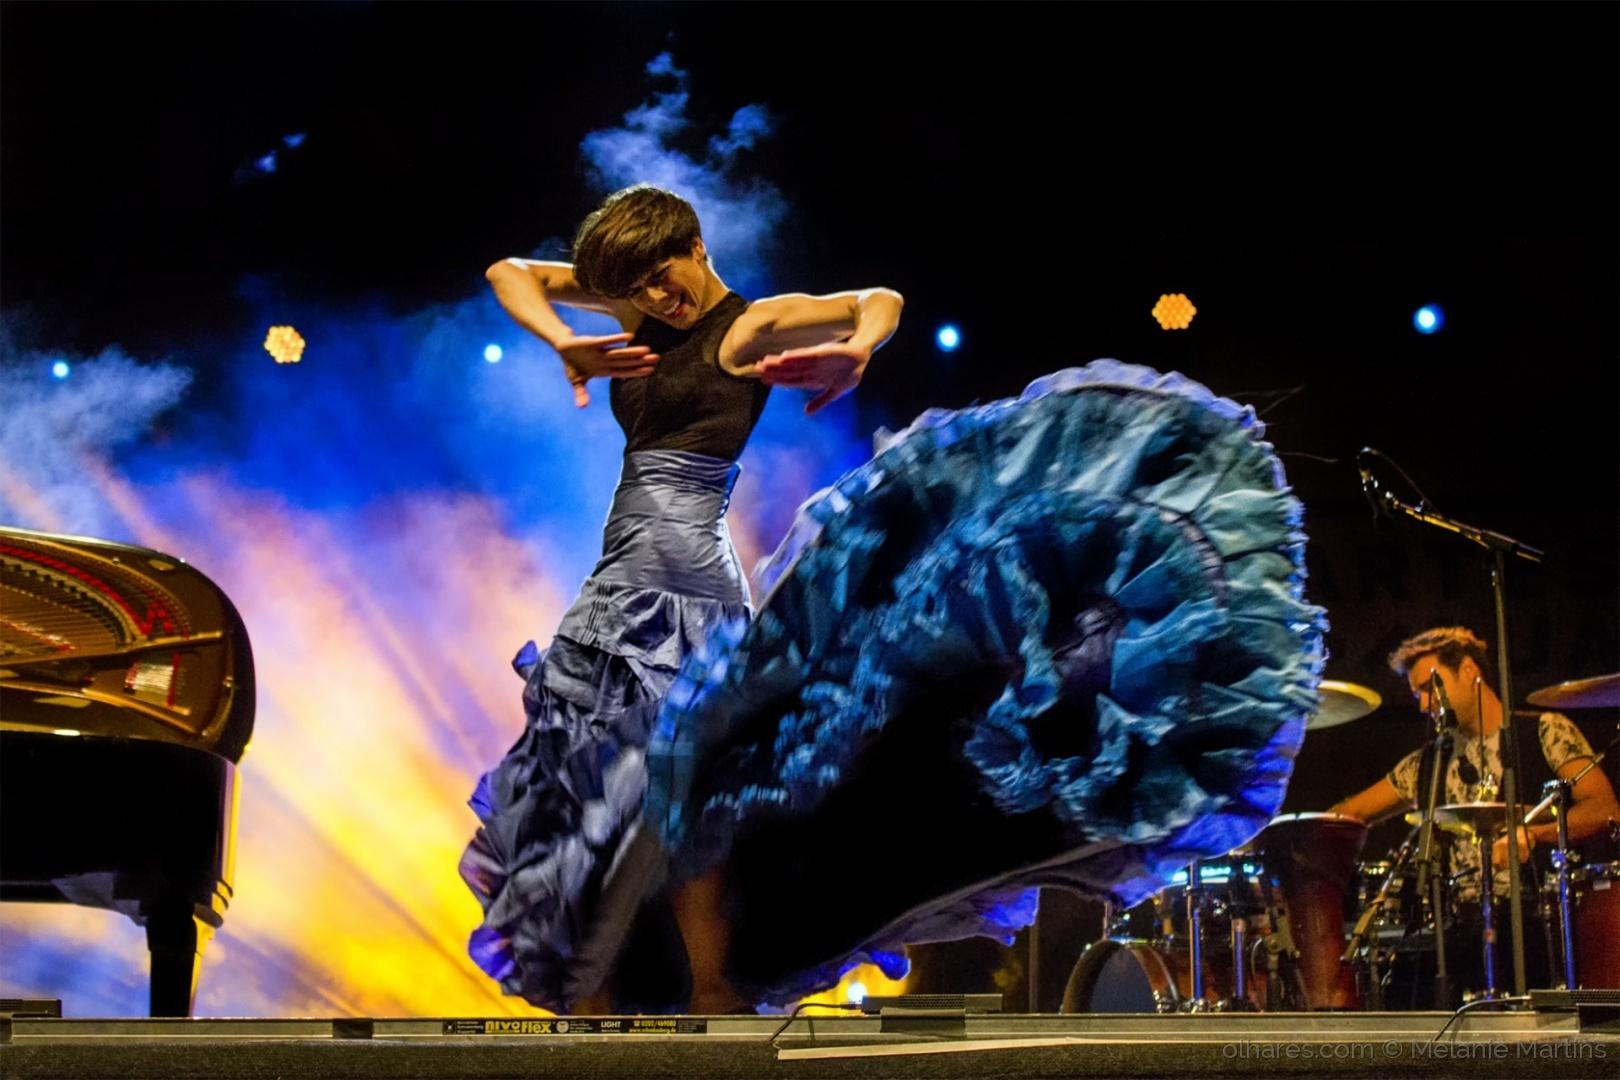 Espetáculos/a dançarina de flamenco